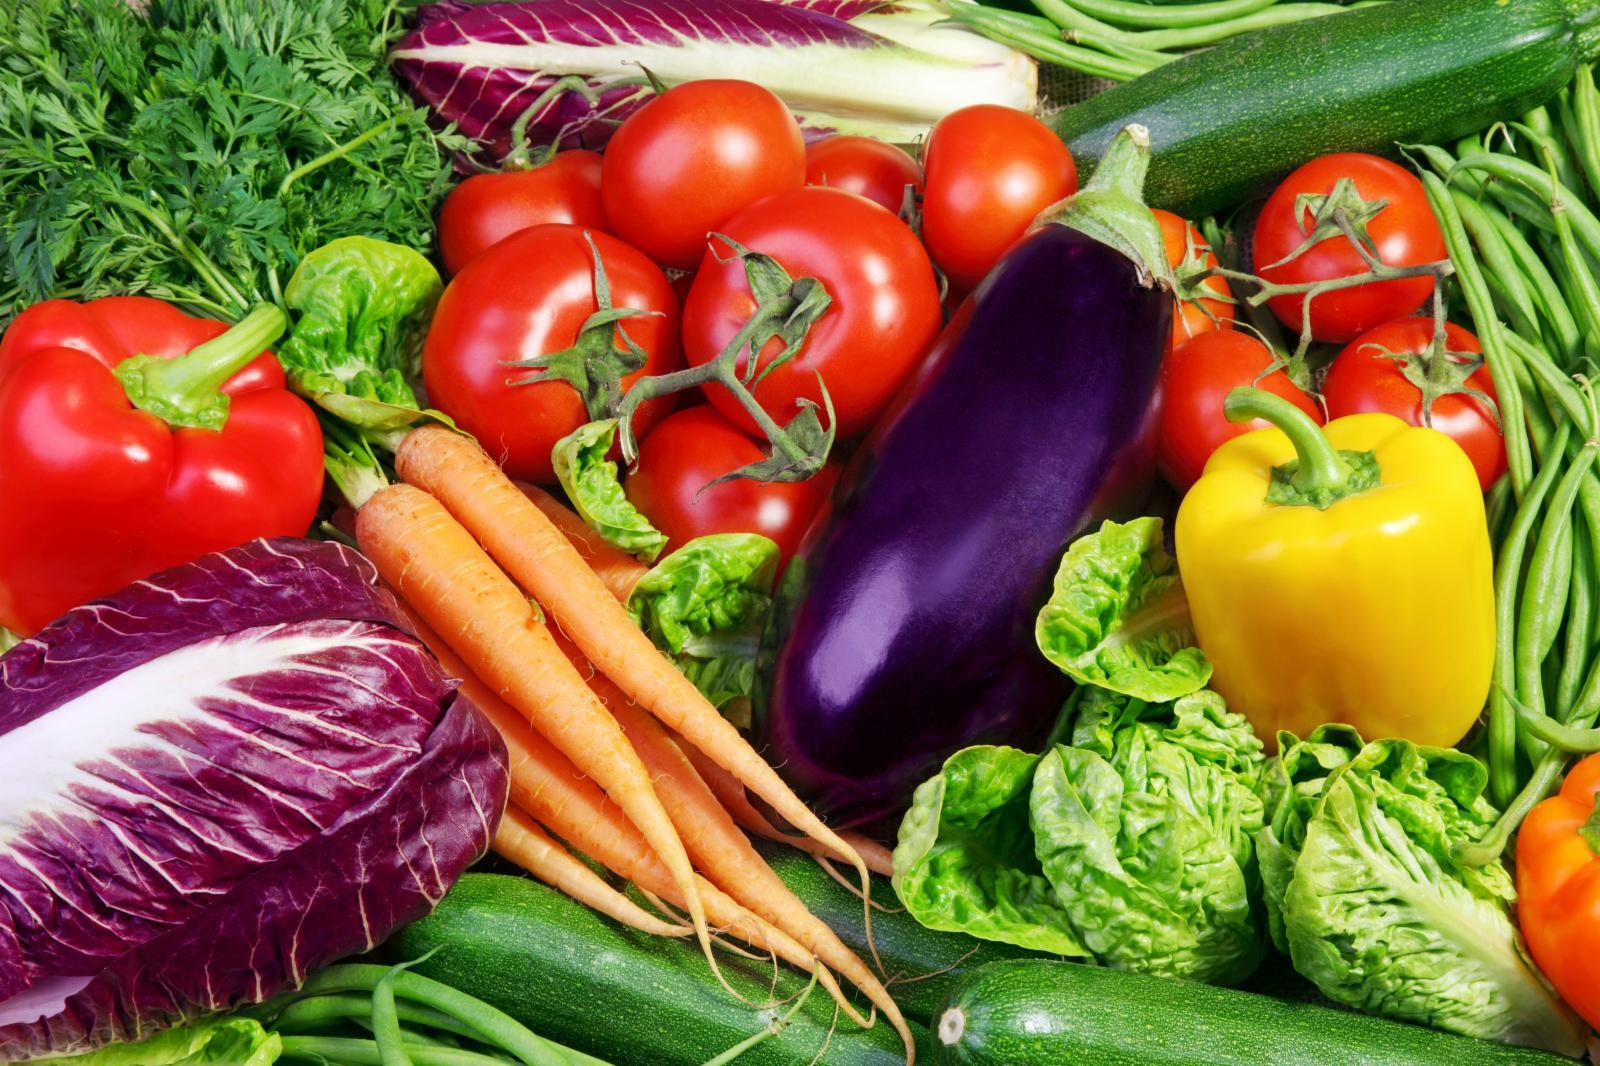 弄懂农贸B2B发展模式的核心逻辑,让农业生意更好做!